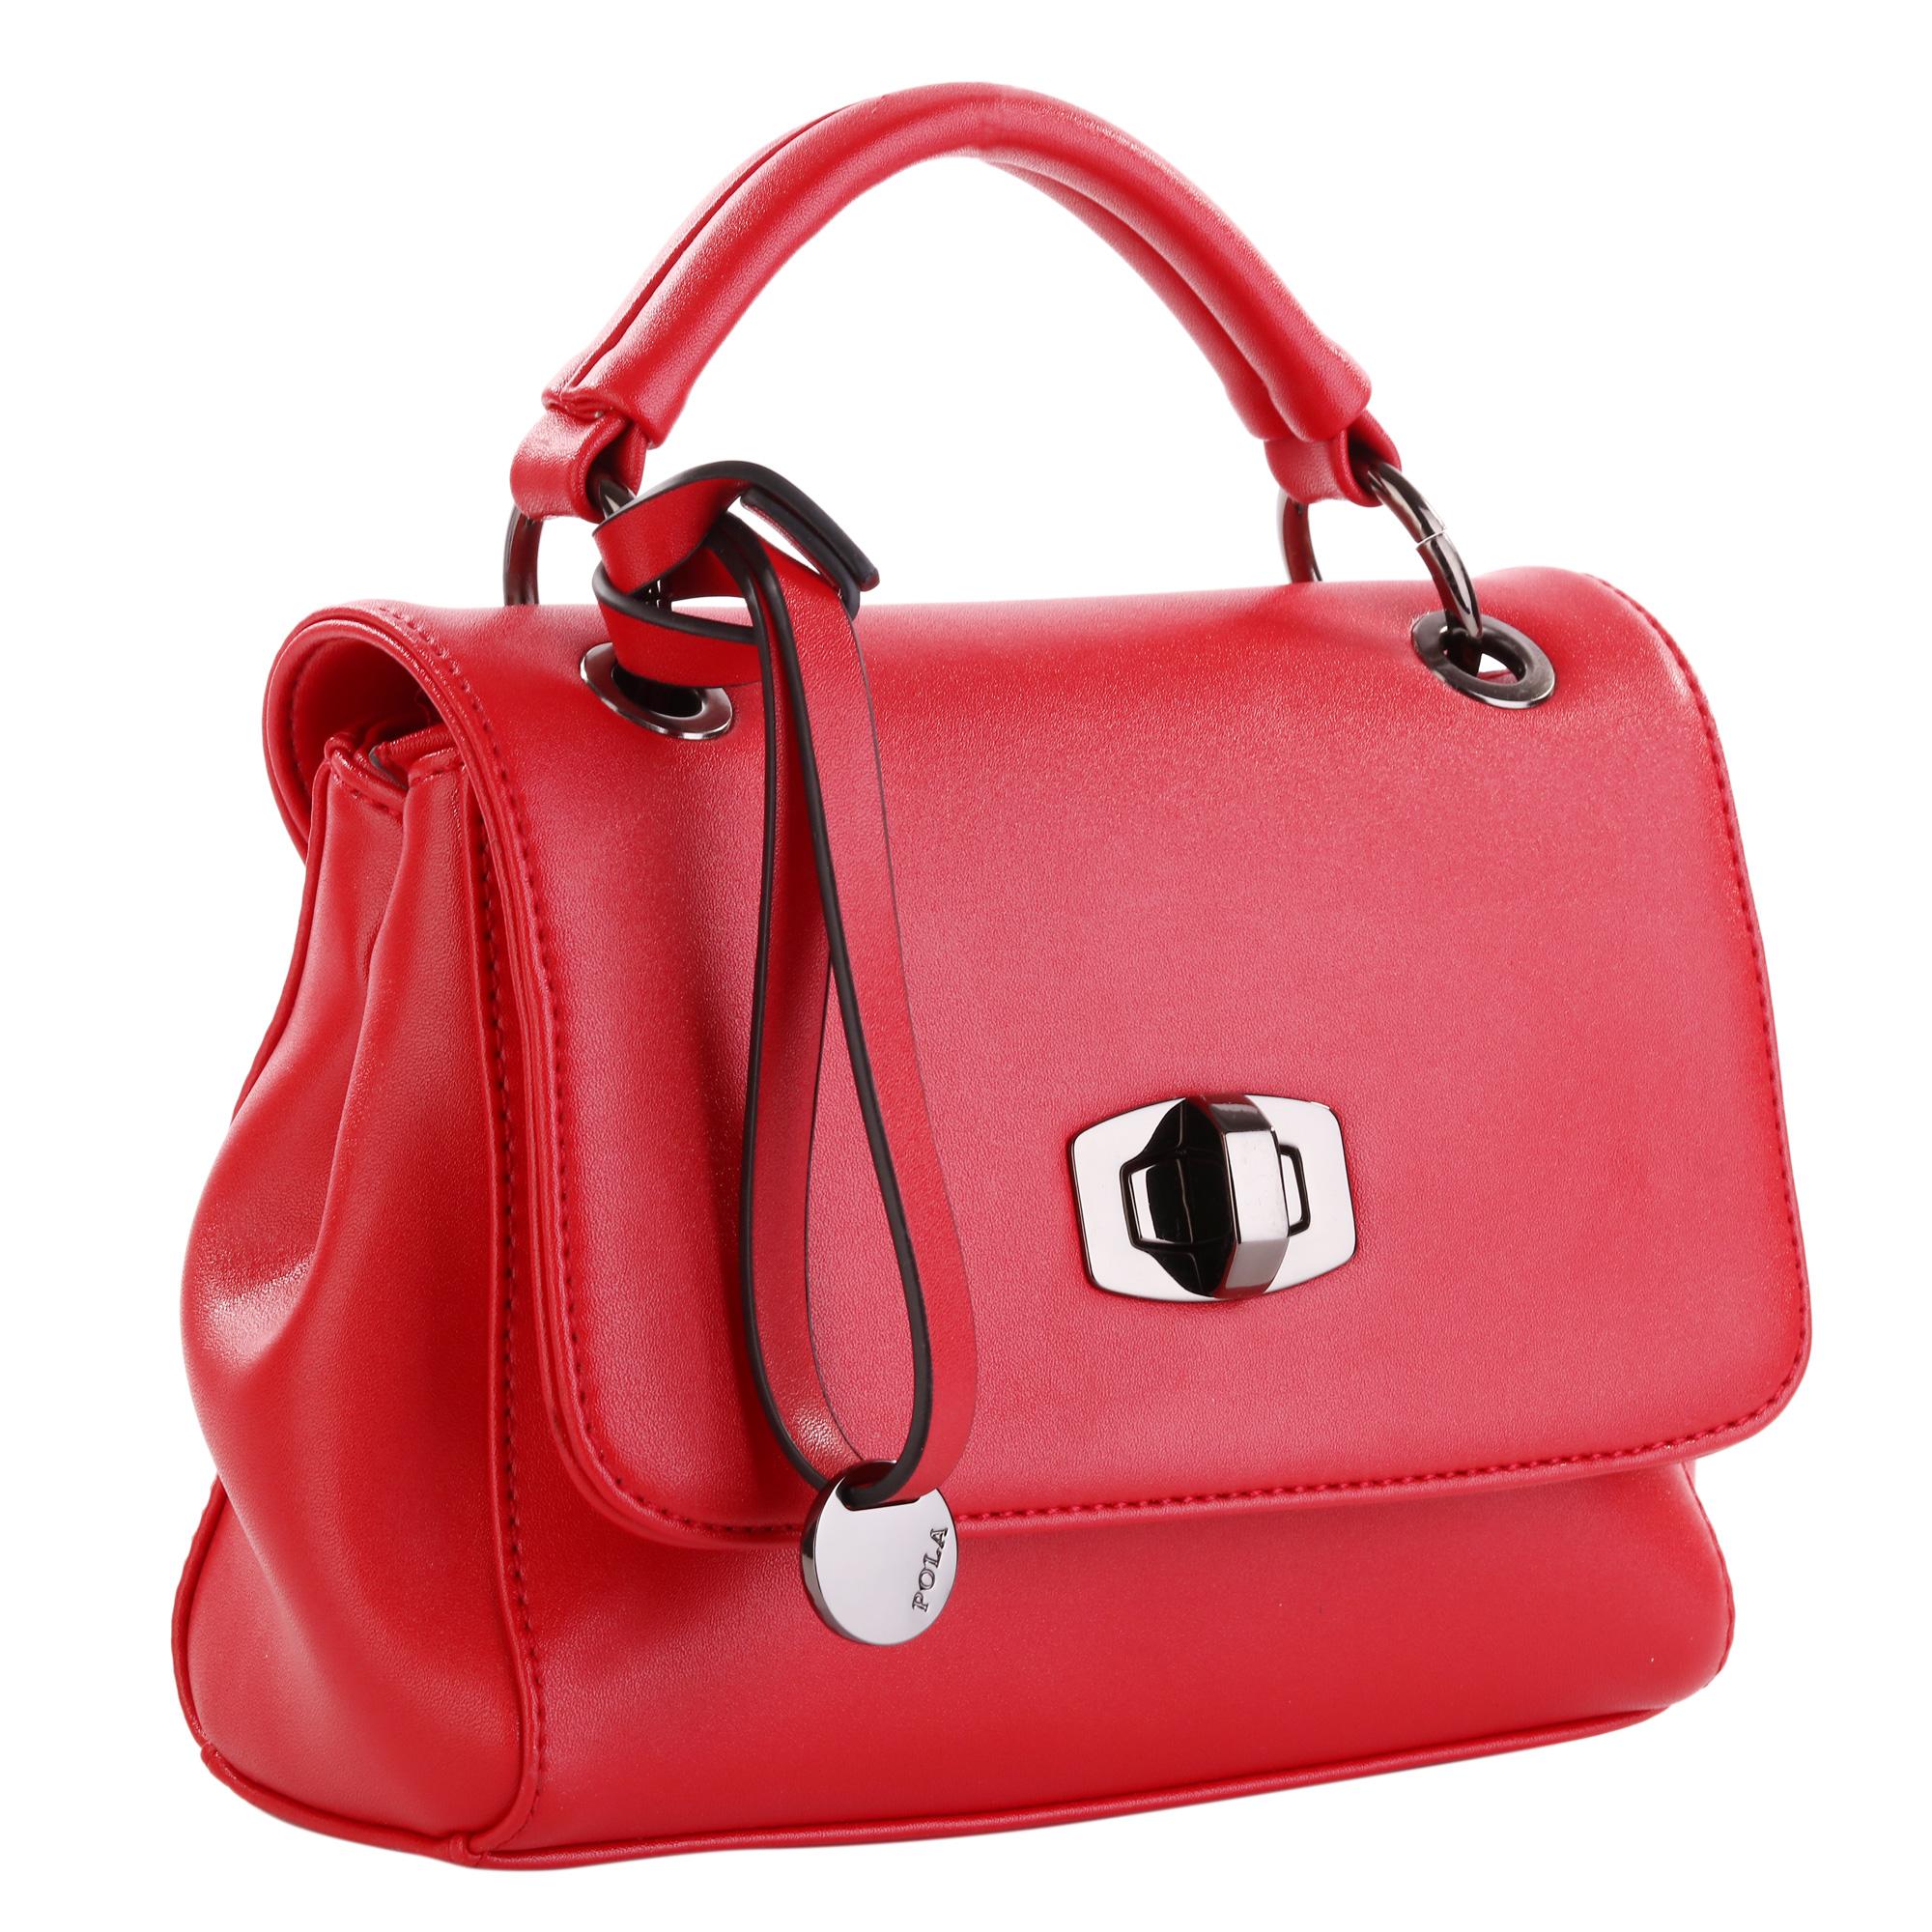 Сумка женская Pola, цвет: красный. 82818281Женская сумка Pola выполнена из экокожи. Основное отделение закрывается клапаном на поворотном механизме, и застегивается на молнию. Внутри один карман на молнии и один открытый карман. В комплекте съемный плечевой ремень, регулируемый по длине, максимальная высота 65 см. Высота ручки- 8 см. Цвет фурнитуры- черный.